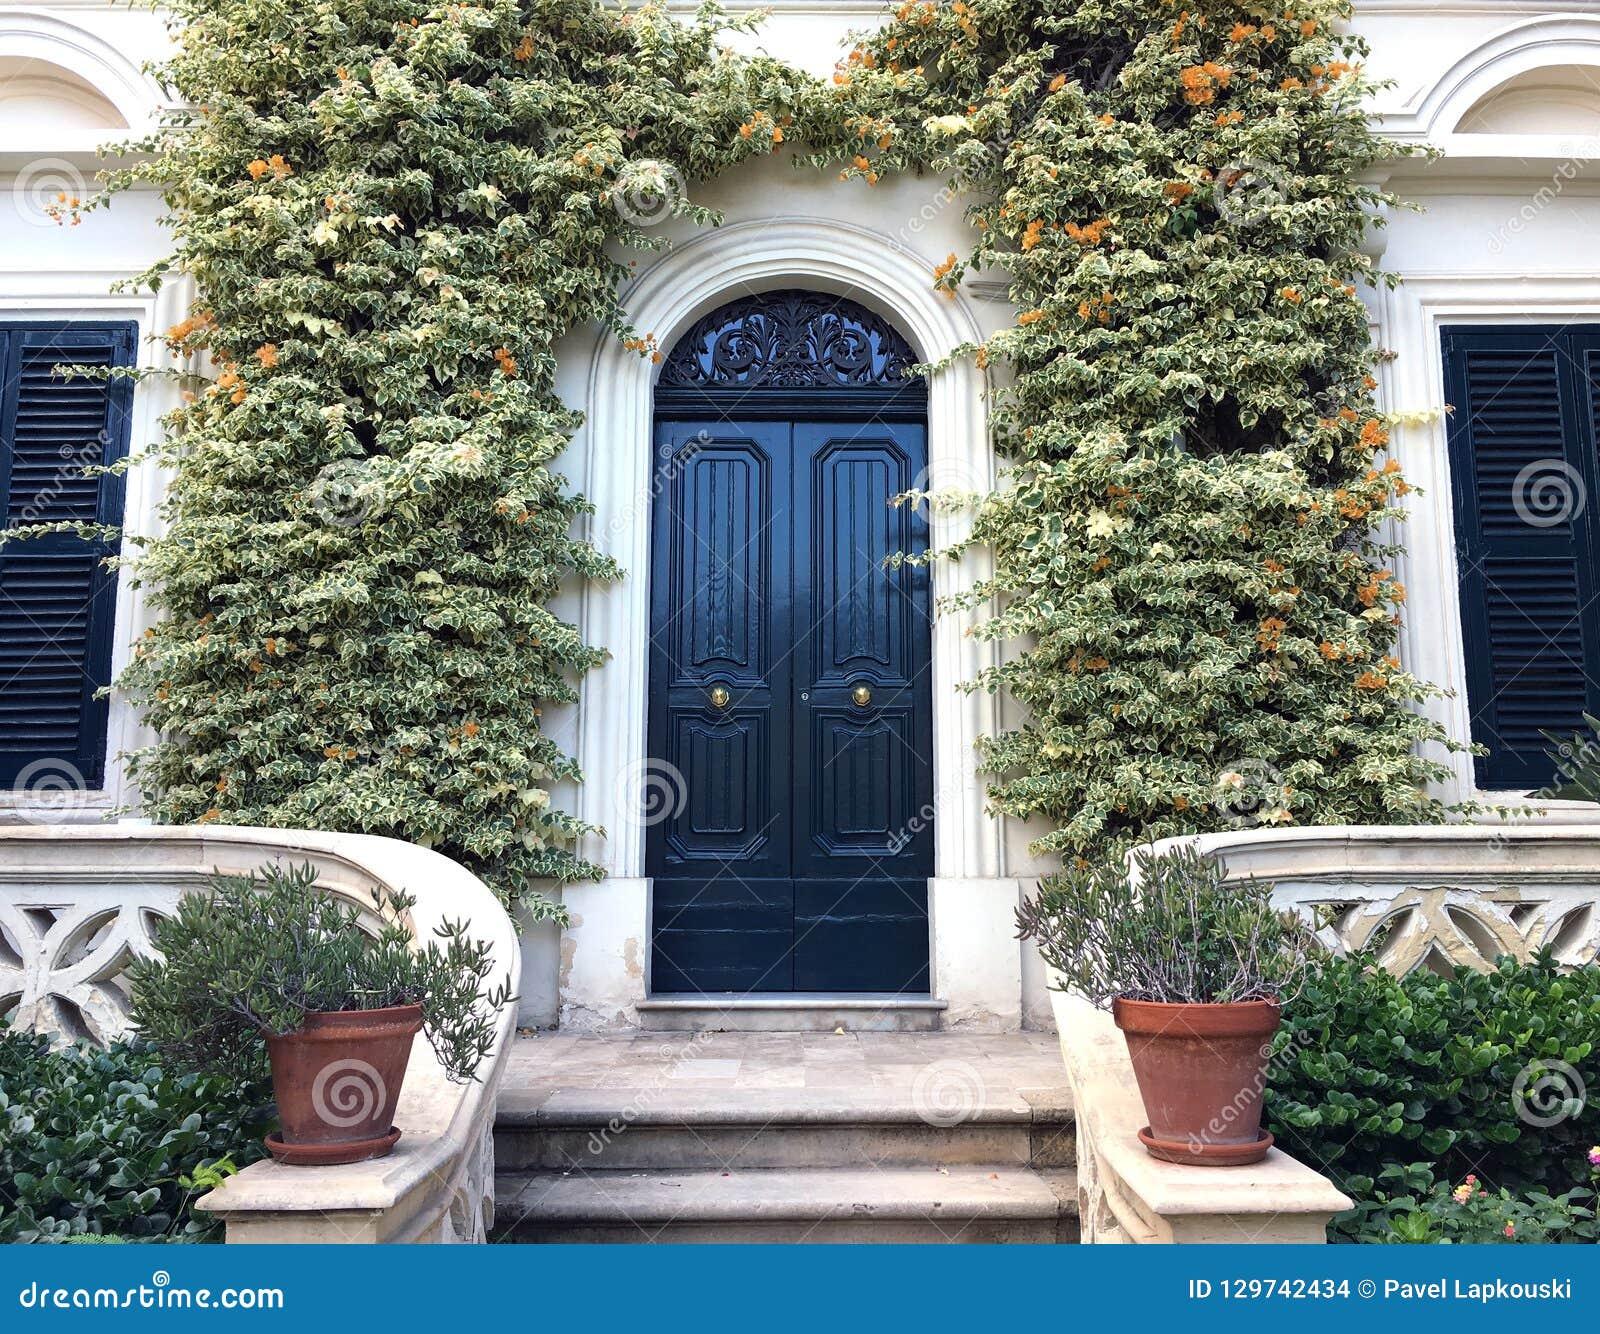 House Front Door Window on